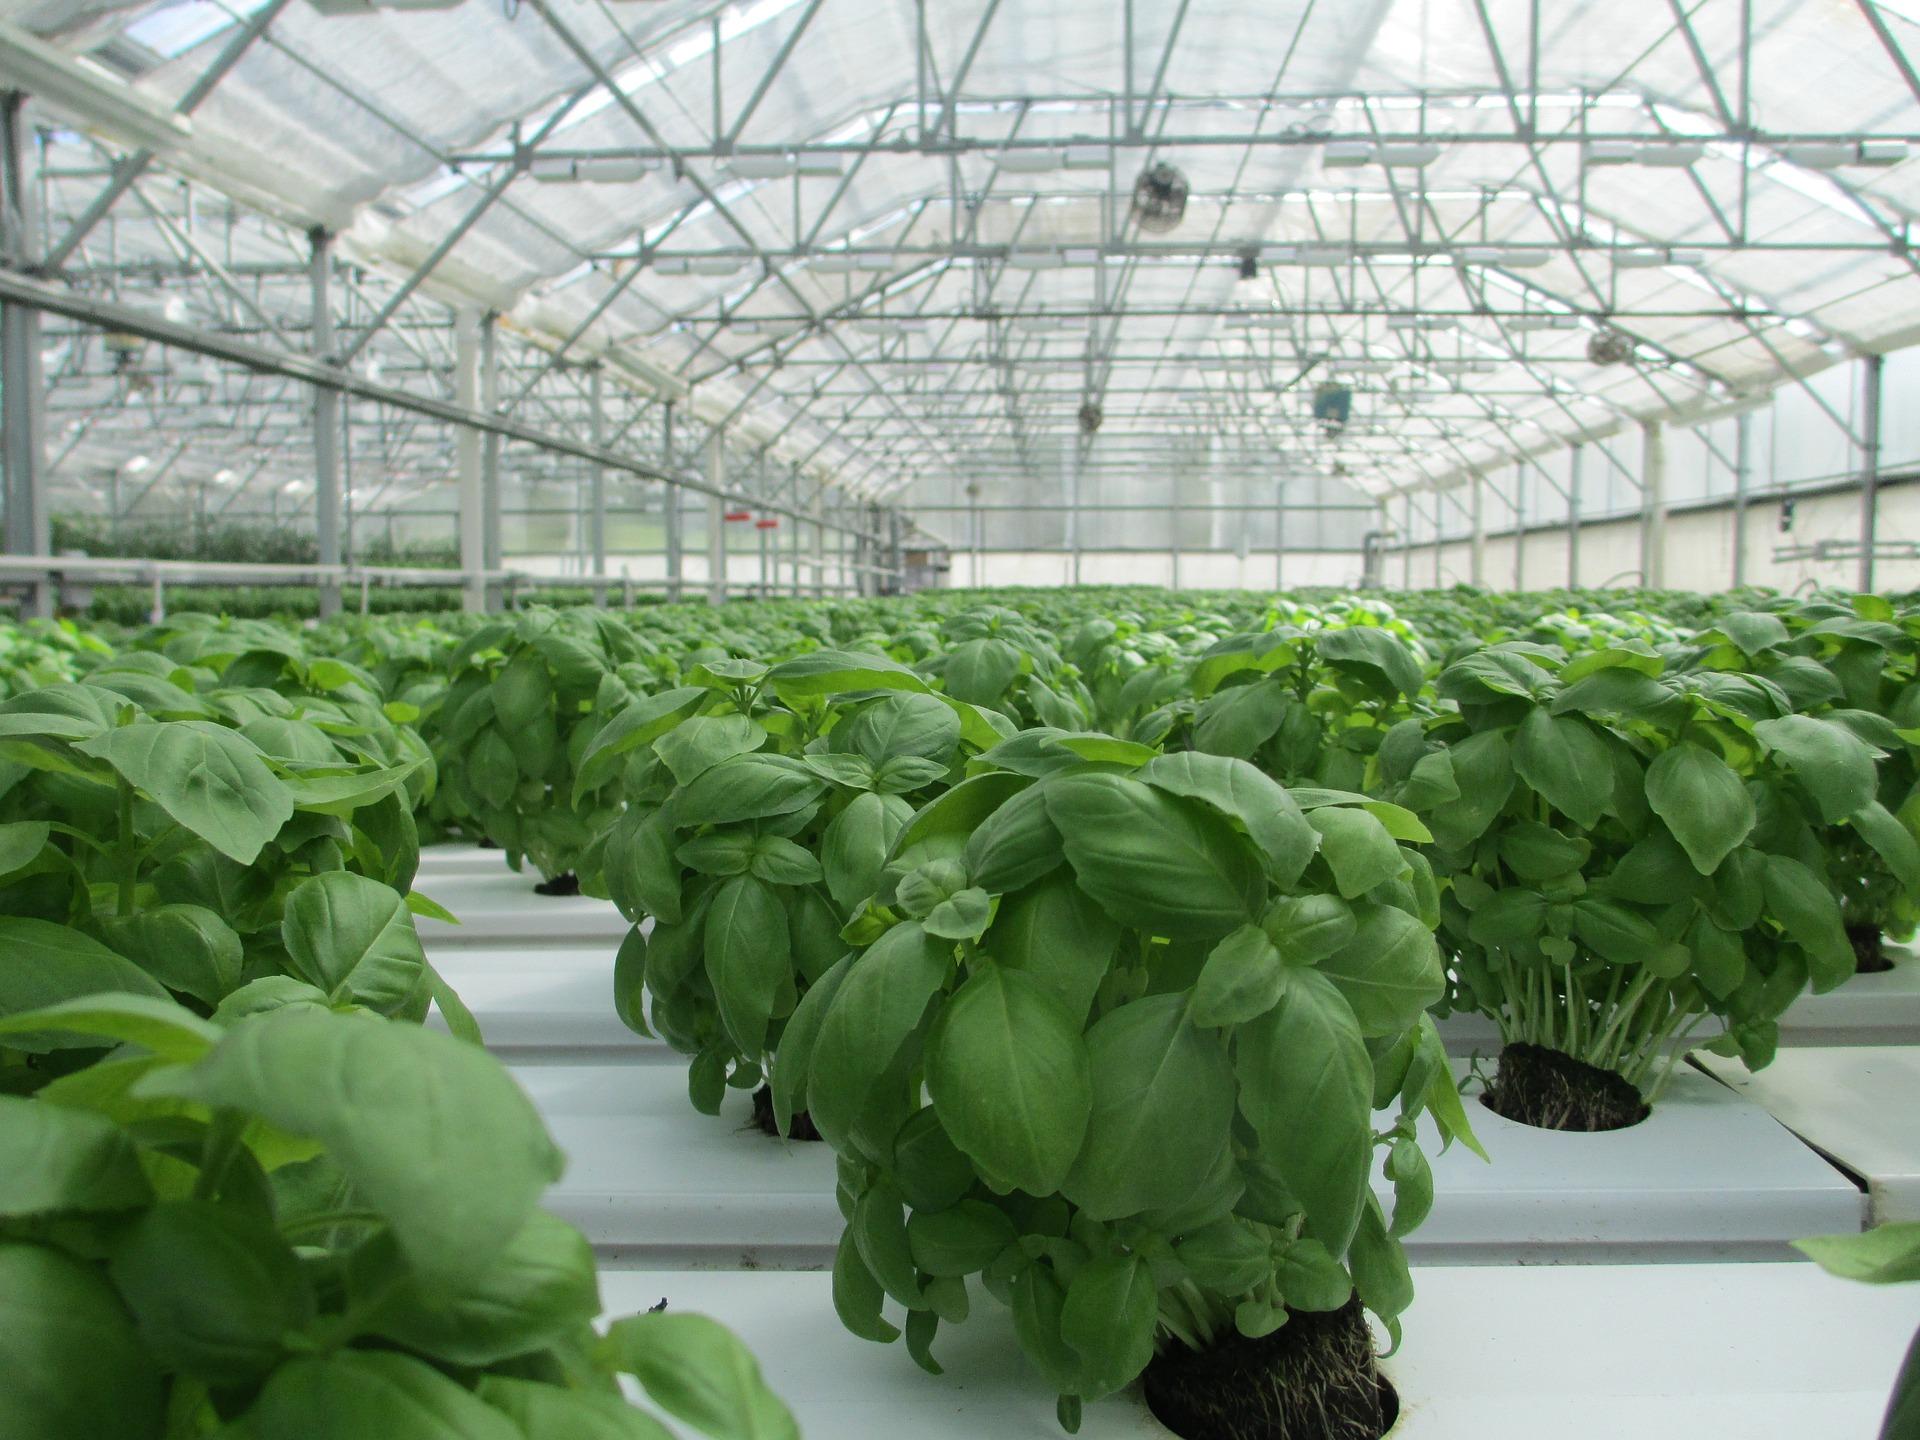 Klimawandel und Energiewende - Ressourcenschonung mit Indoor-Farming